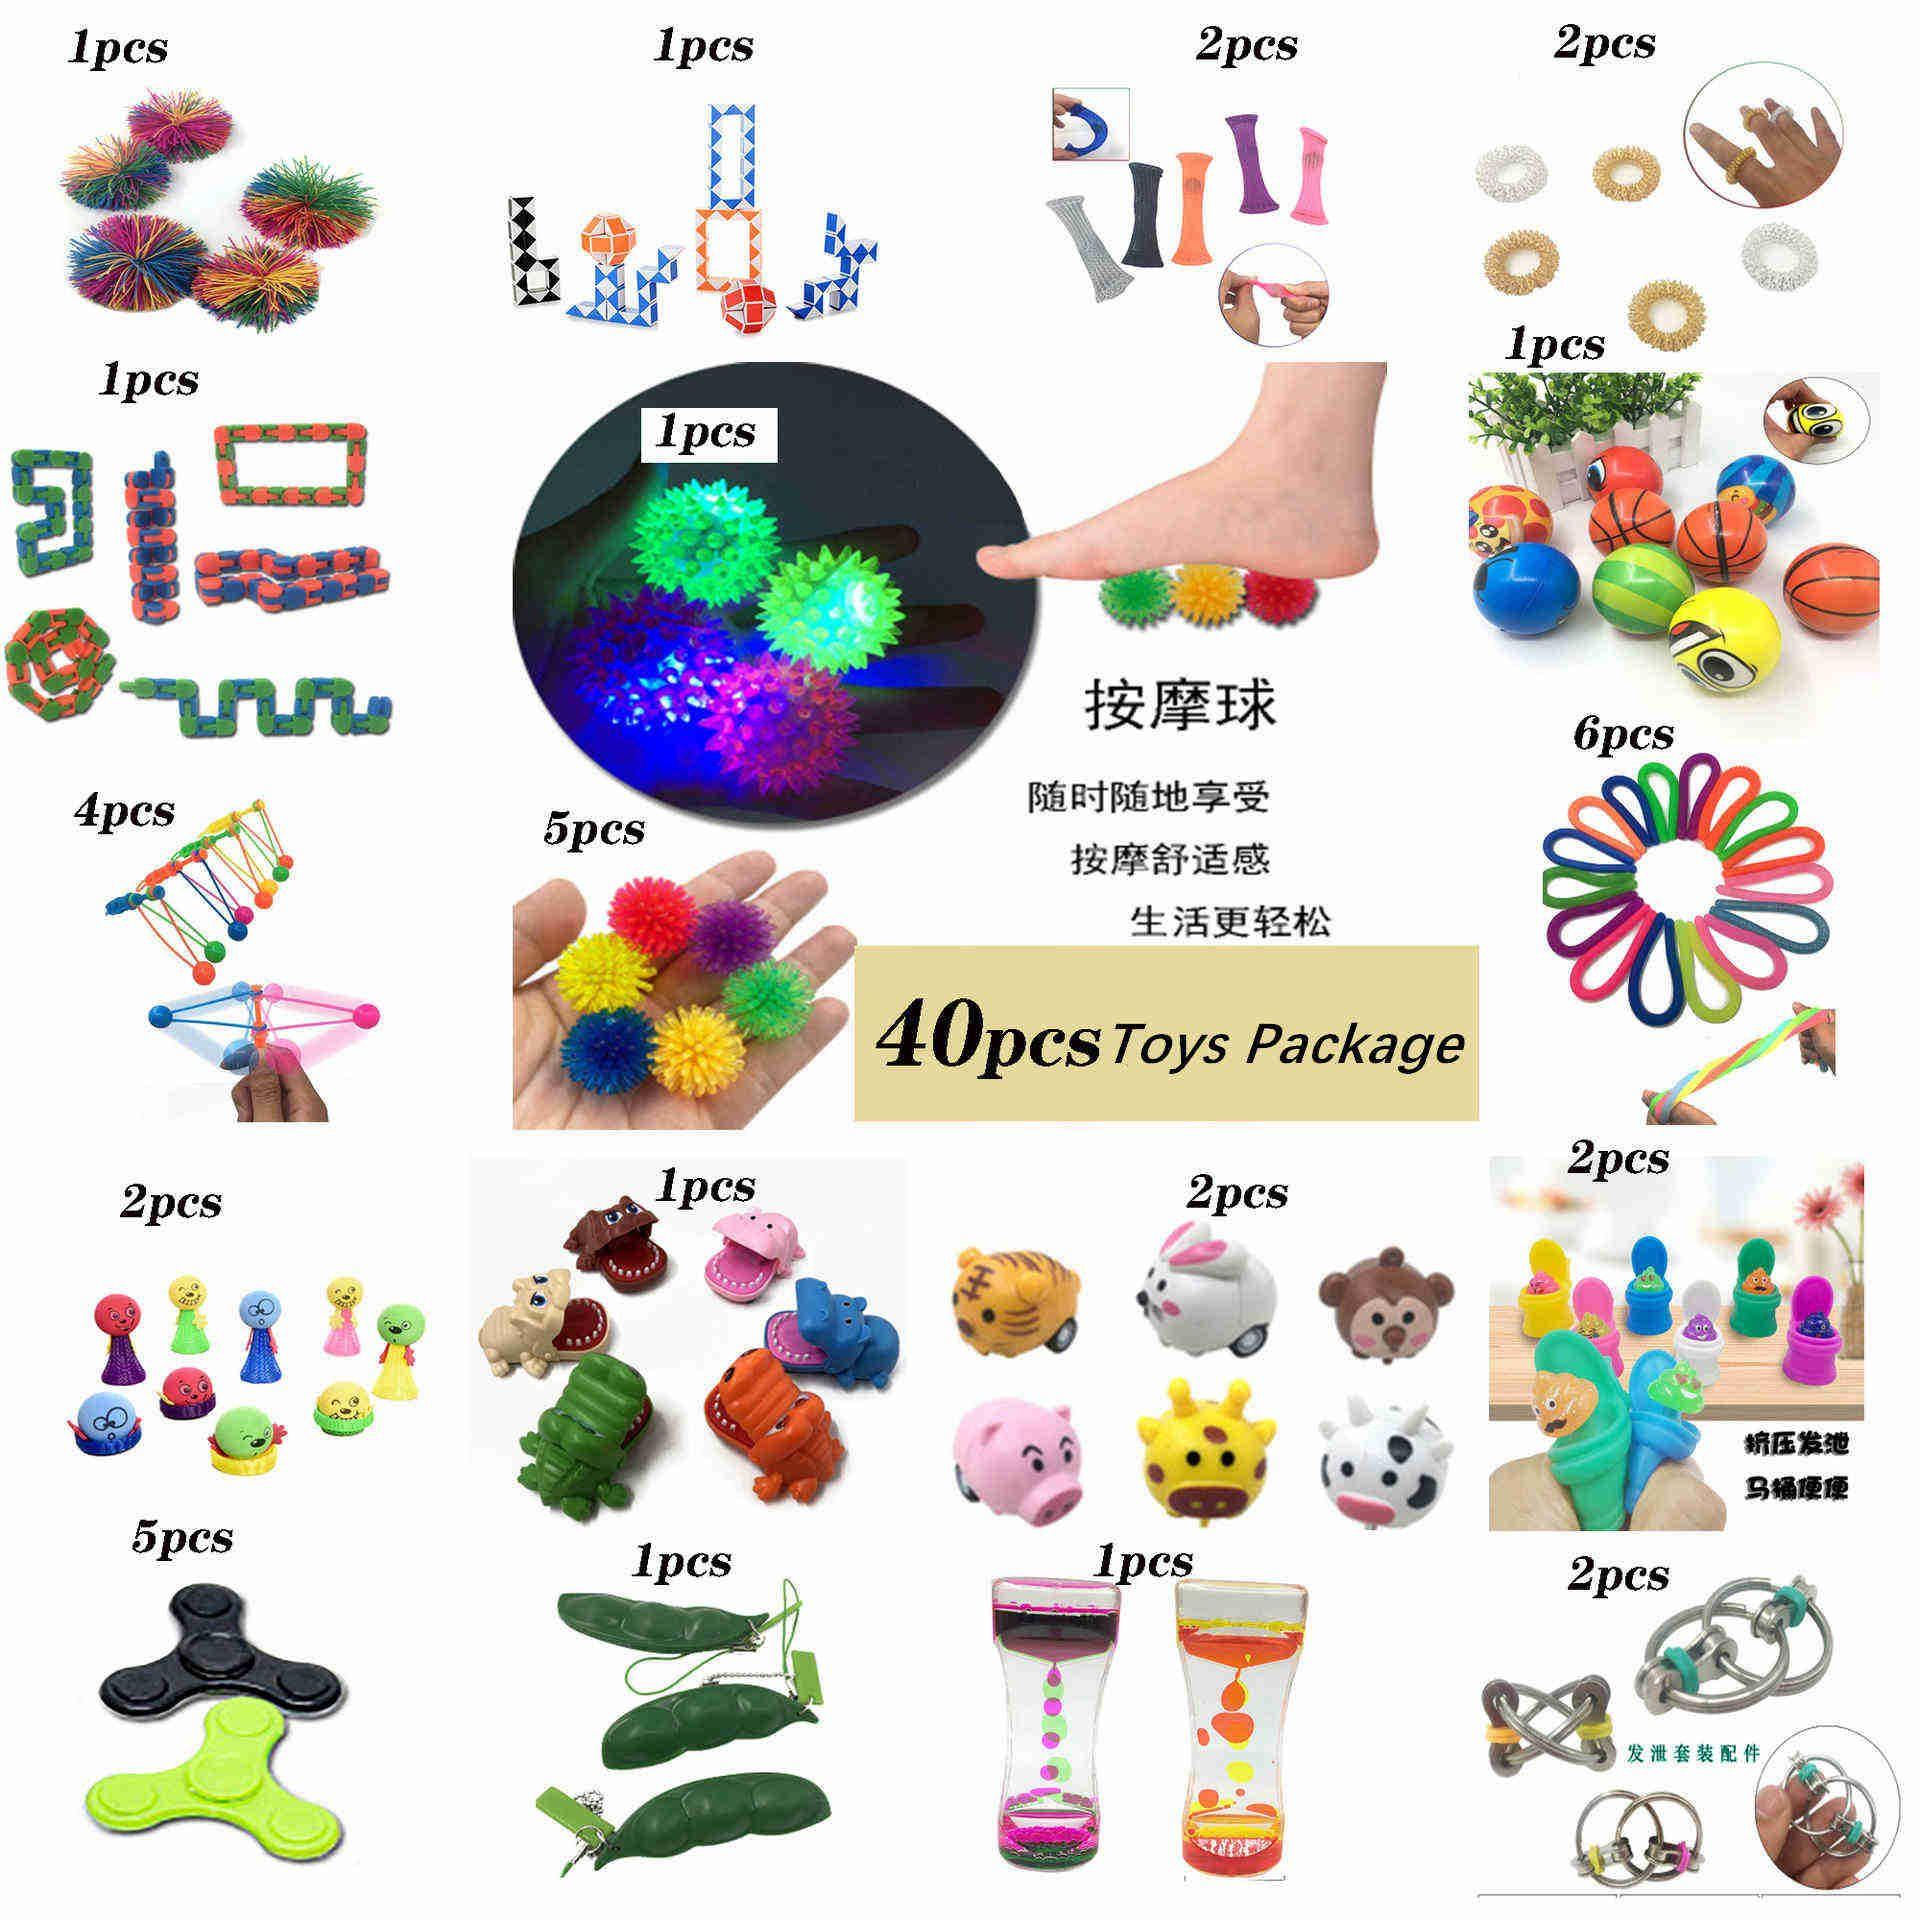 42pcs tipo de ventilação tipo régua mágica fidegeta conjunto de brinquedo edamame trilha corrente massageador autismo especial precisa de estresse aliviar bolas sensoriais brinquedos